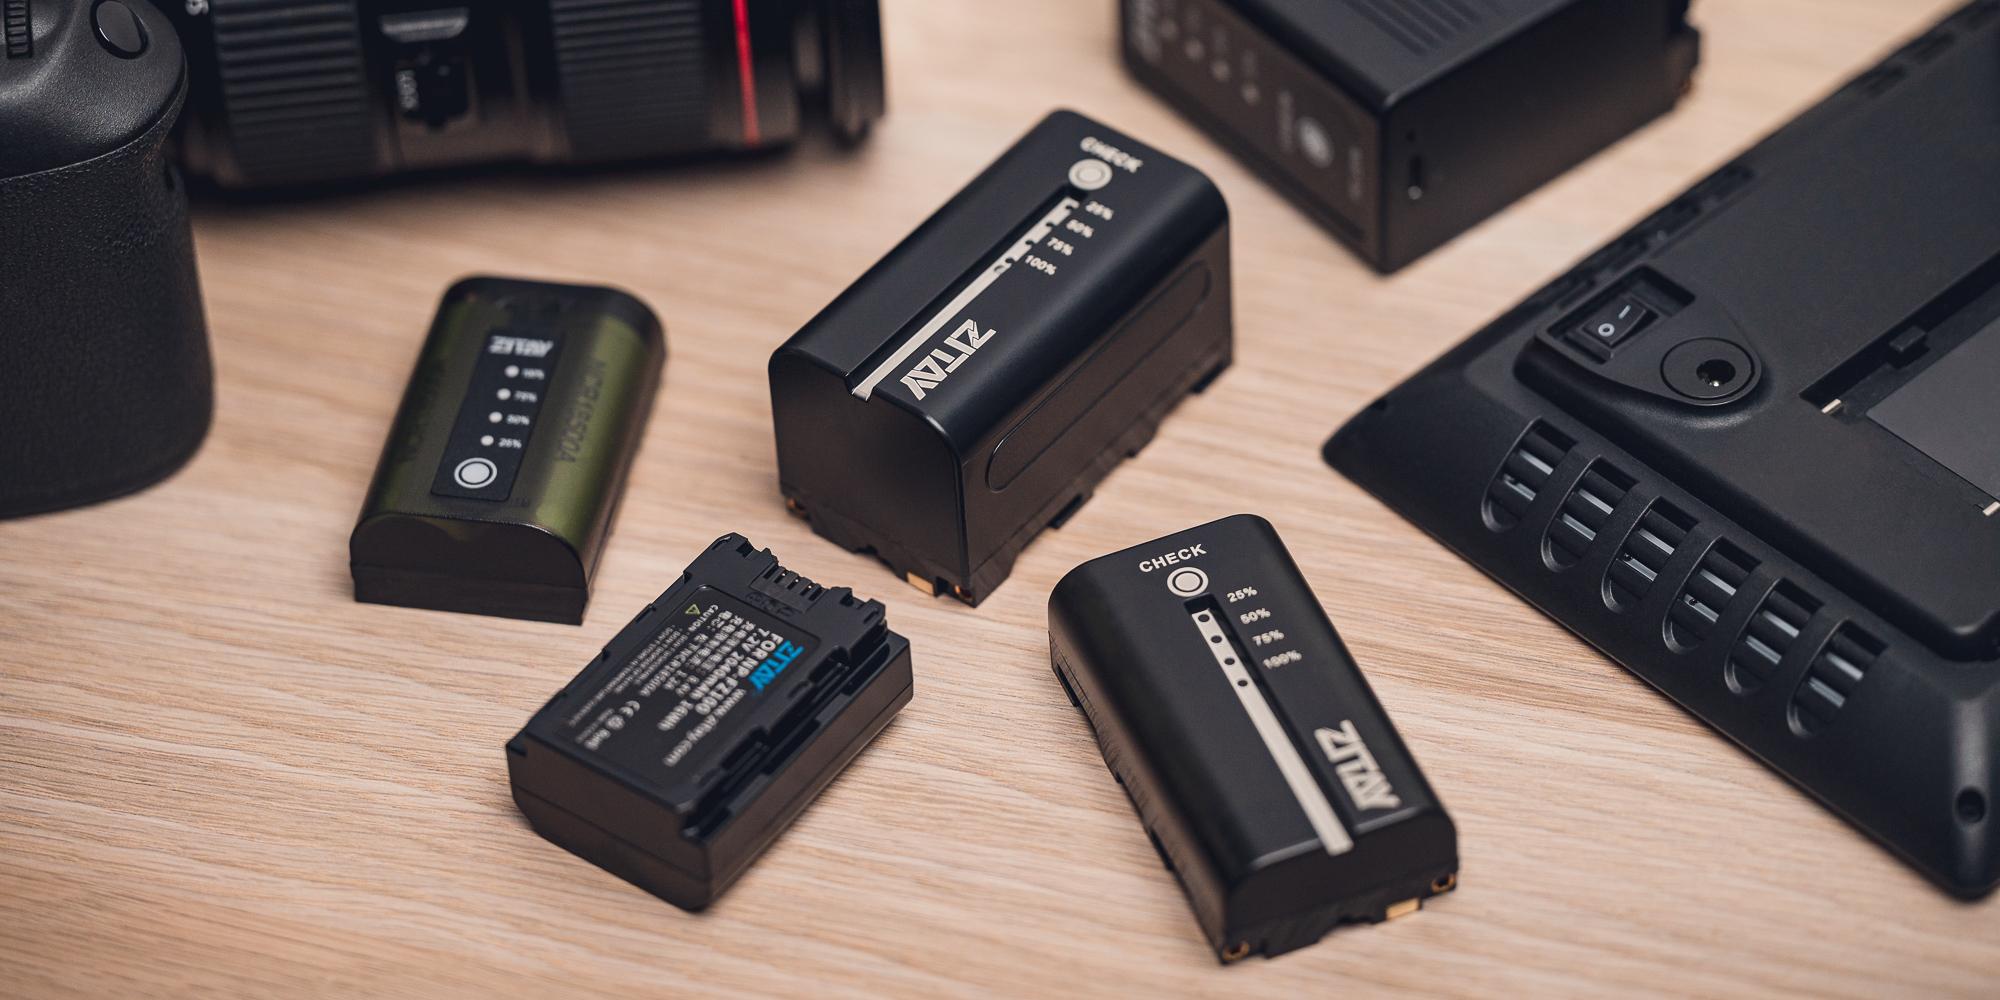 Akumulator Zitay zamiennik NP-F750 - Wskaźnik poziomu naładowania